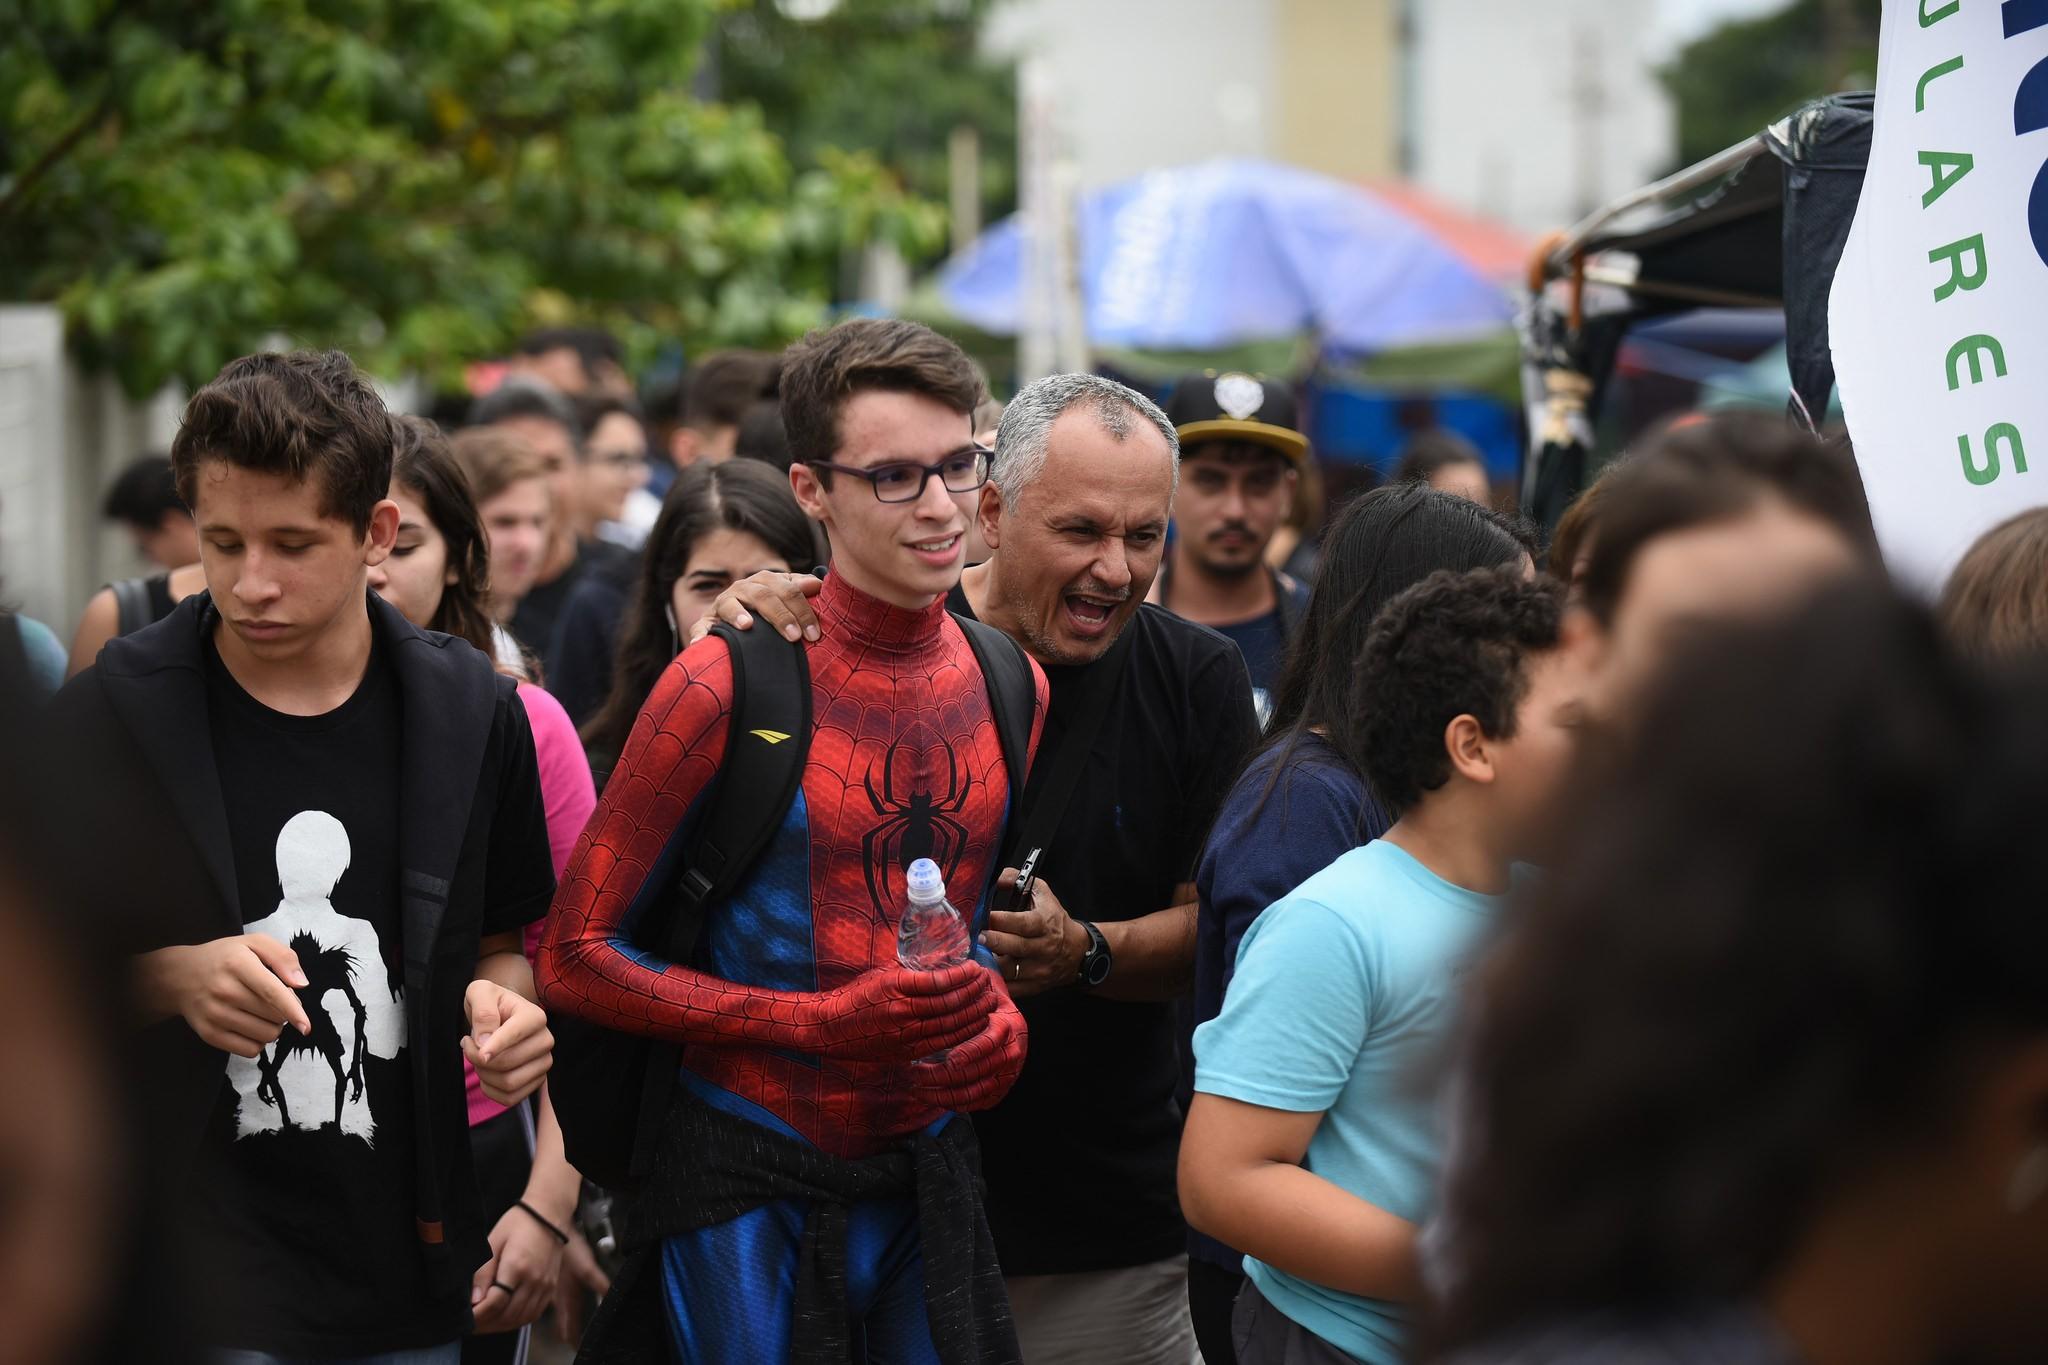 Luiz Antônio Marques de Homem-Aranha (Foto: Flickr/ Ministério da Educação/ Creative Commons)